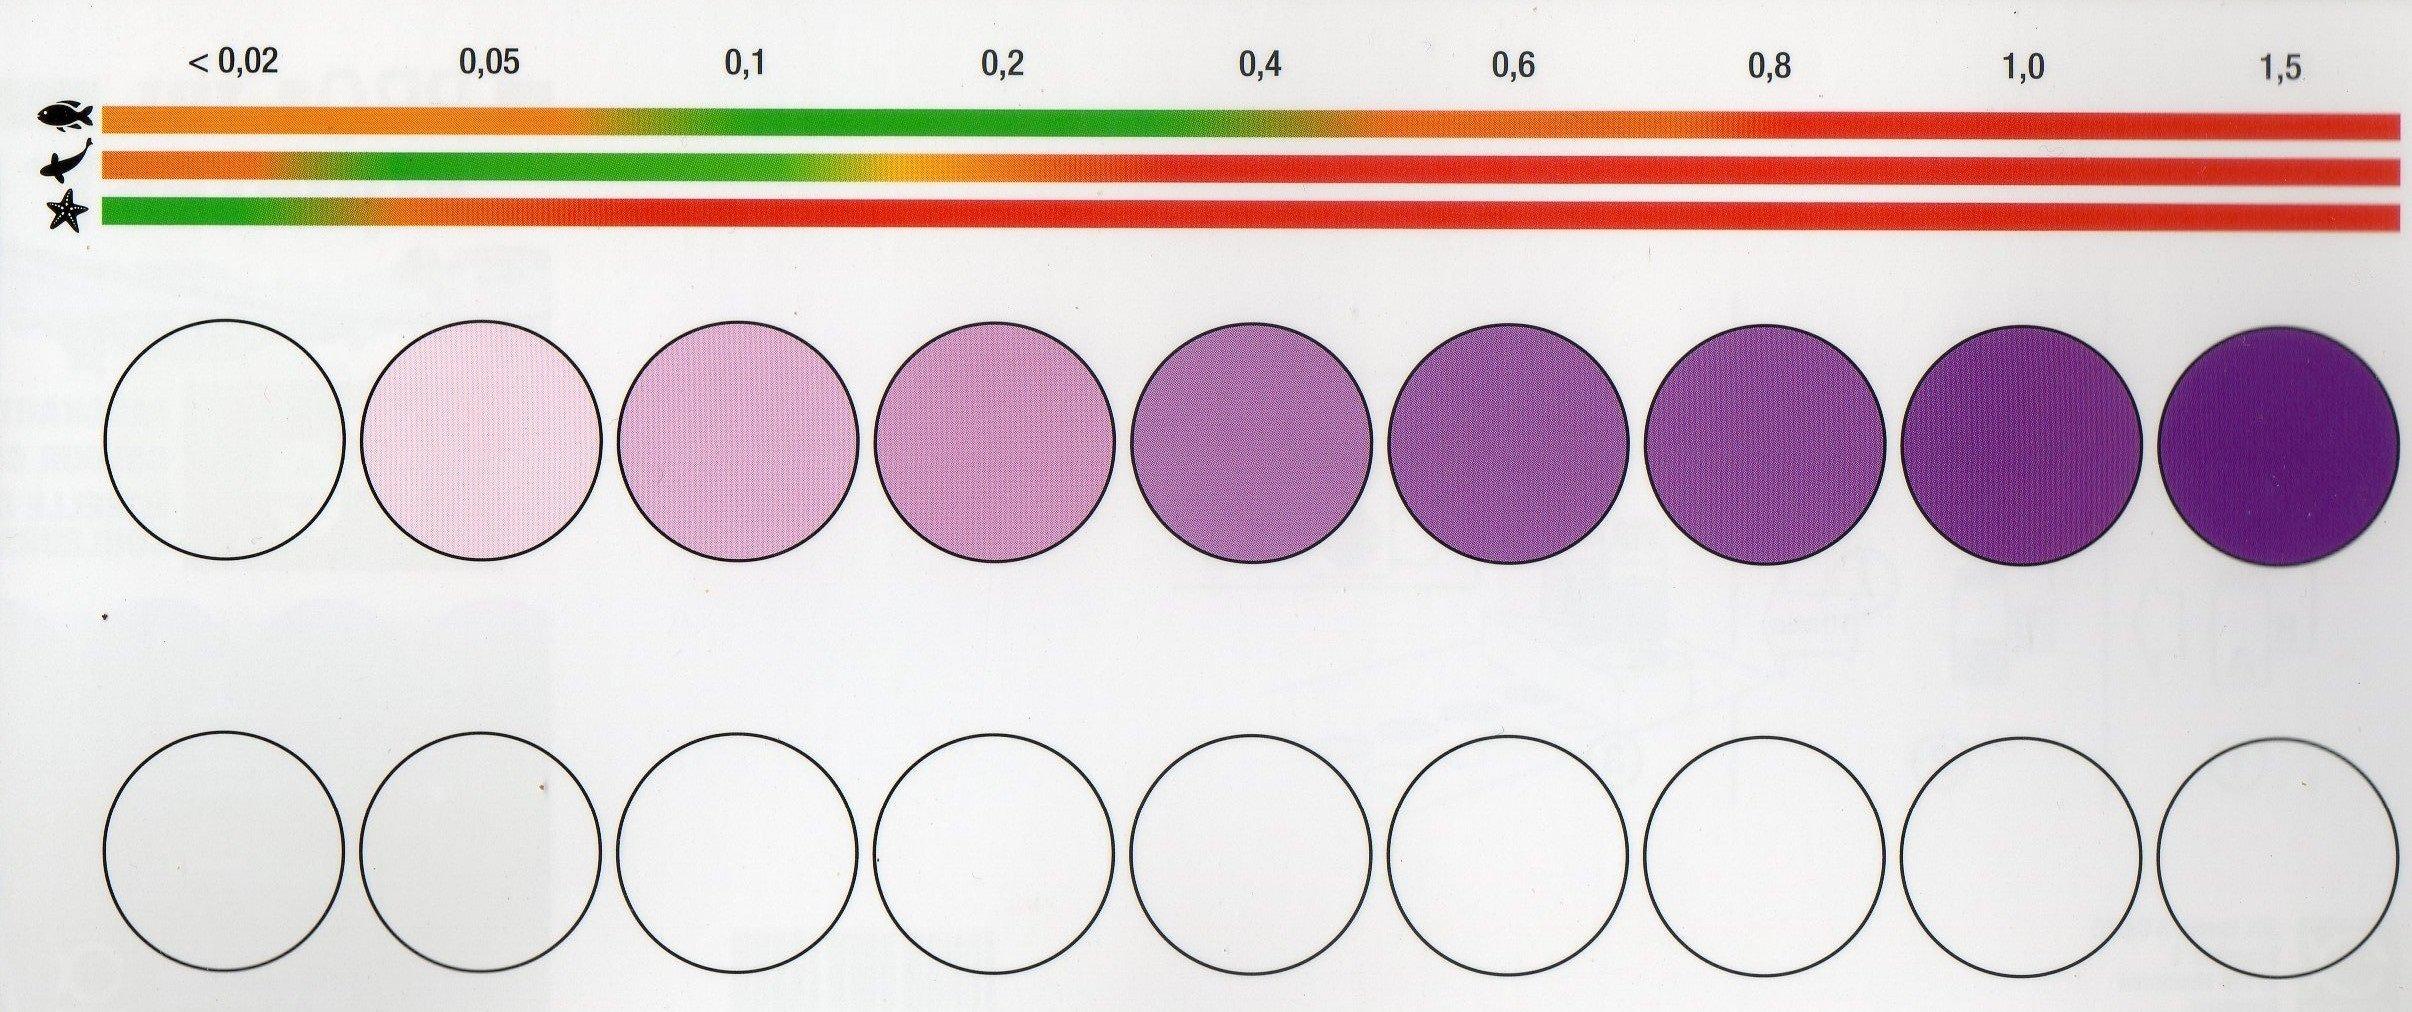 Nuancier Jbl test Vs Pro Aquatest 1572456351-fer-pro-aquatest